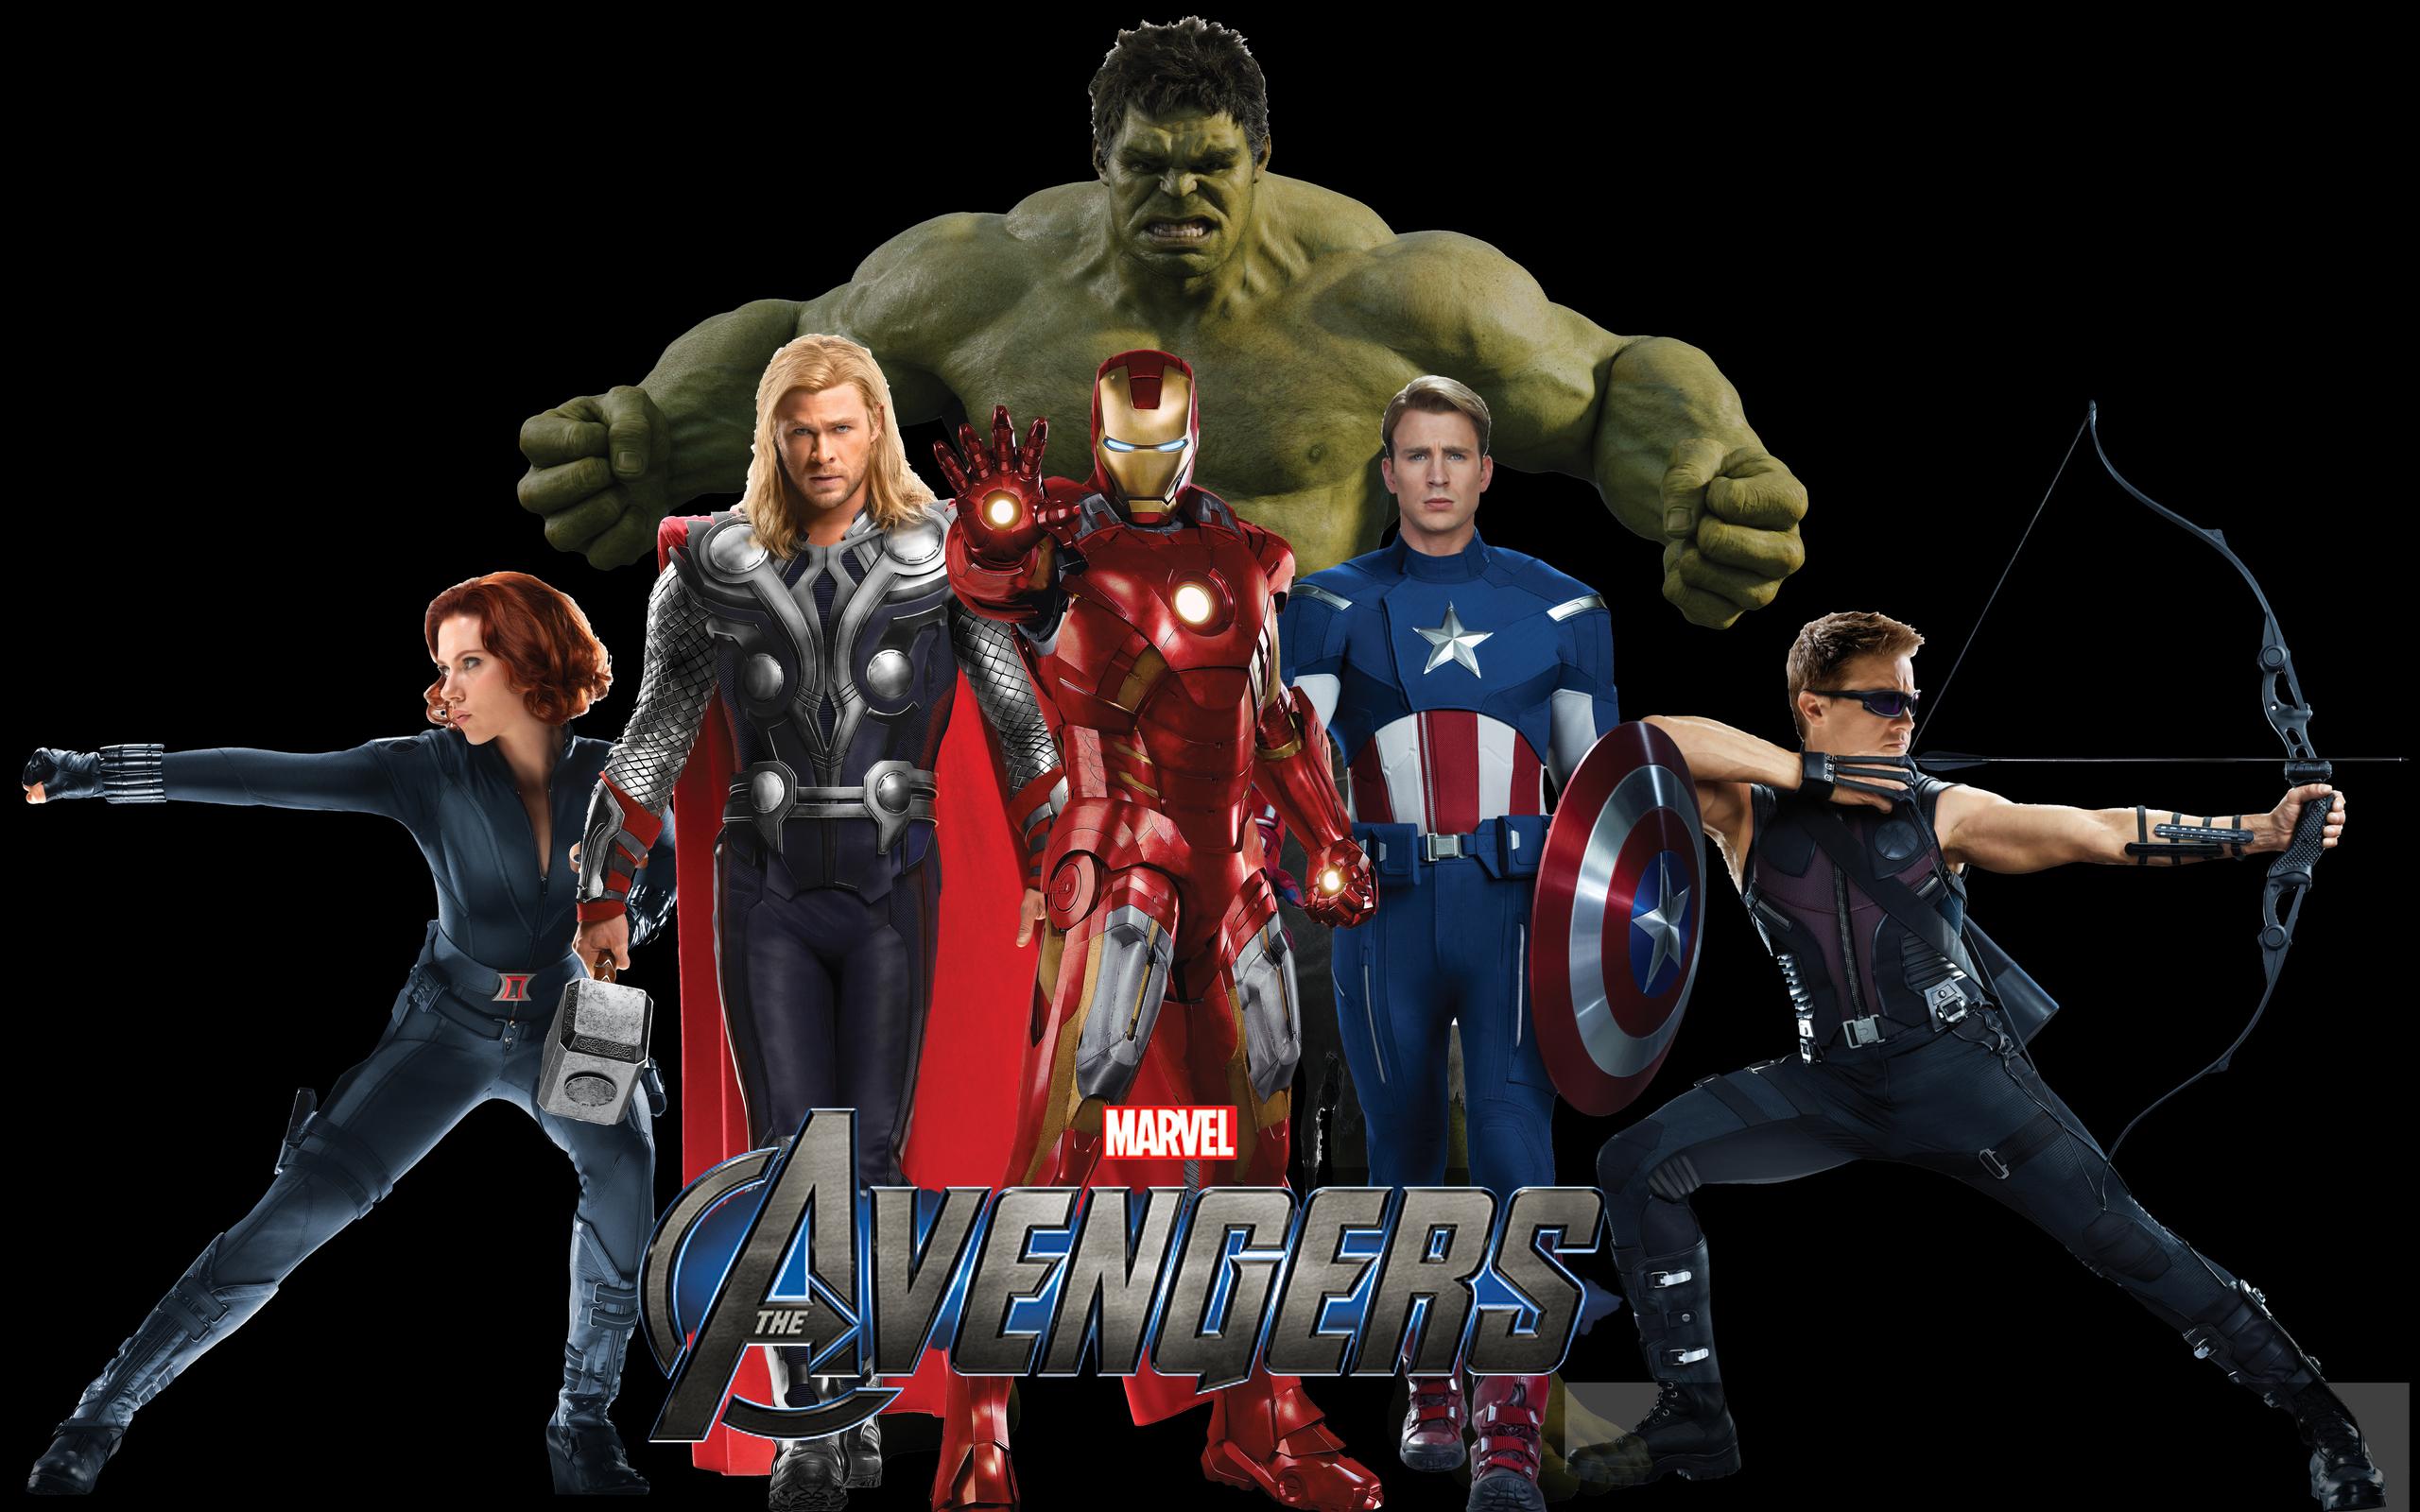 Marvel avengers hd wallpaper wallpapersafari - Images avengers ...